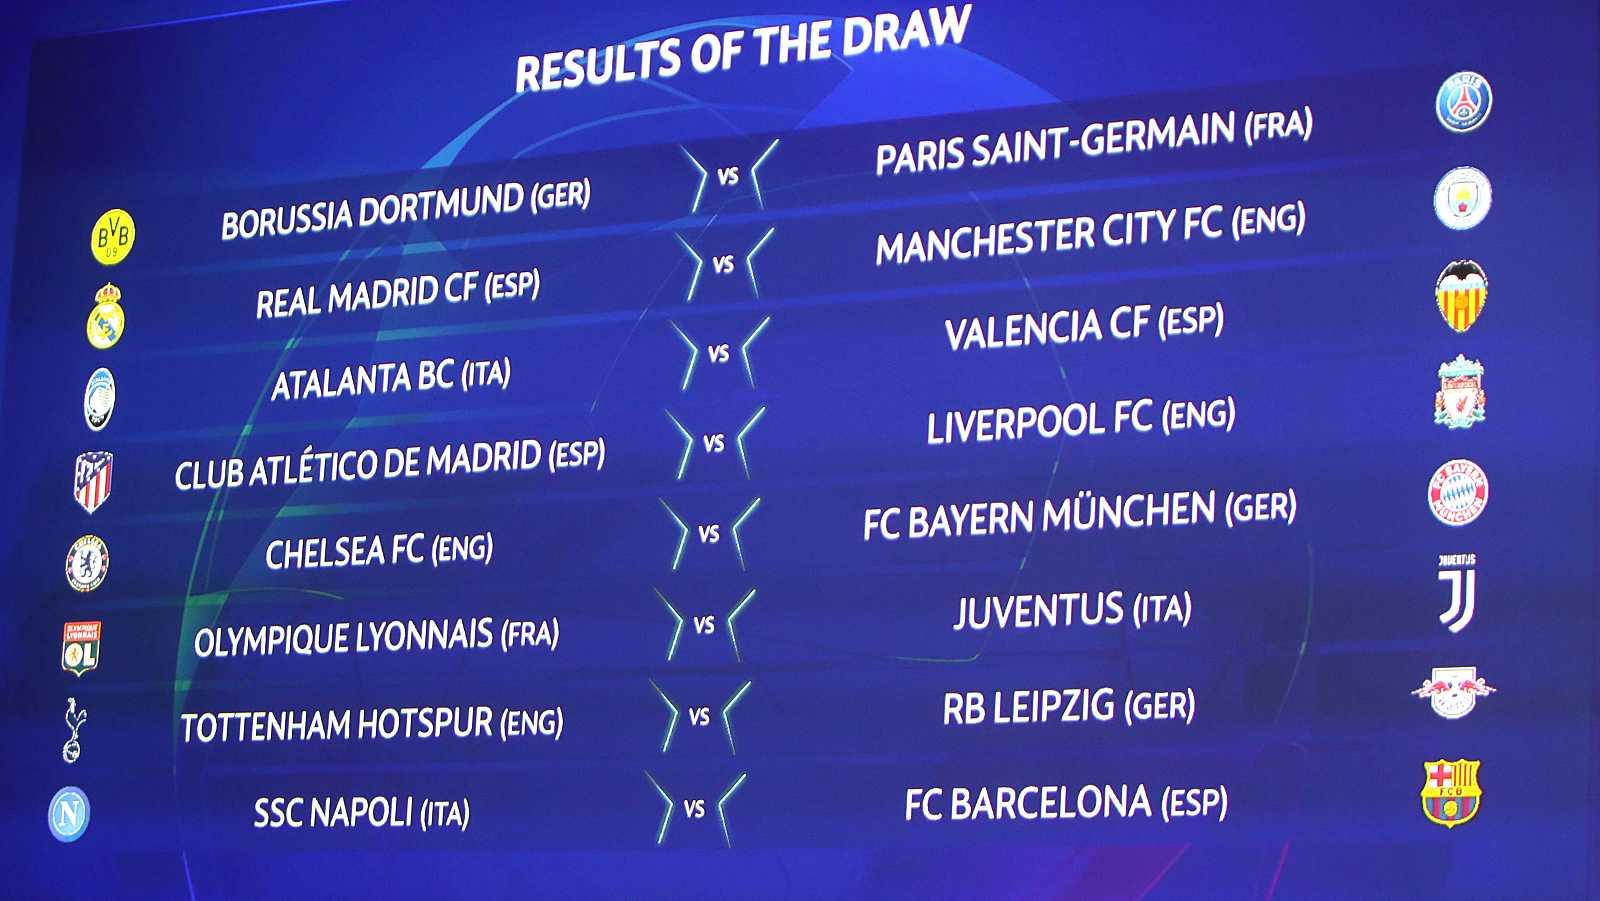 City, Liverpool, Nápoles y Atalanta, rivales de Madrid, Atlético, Barça y Valencia